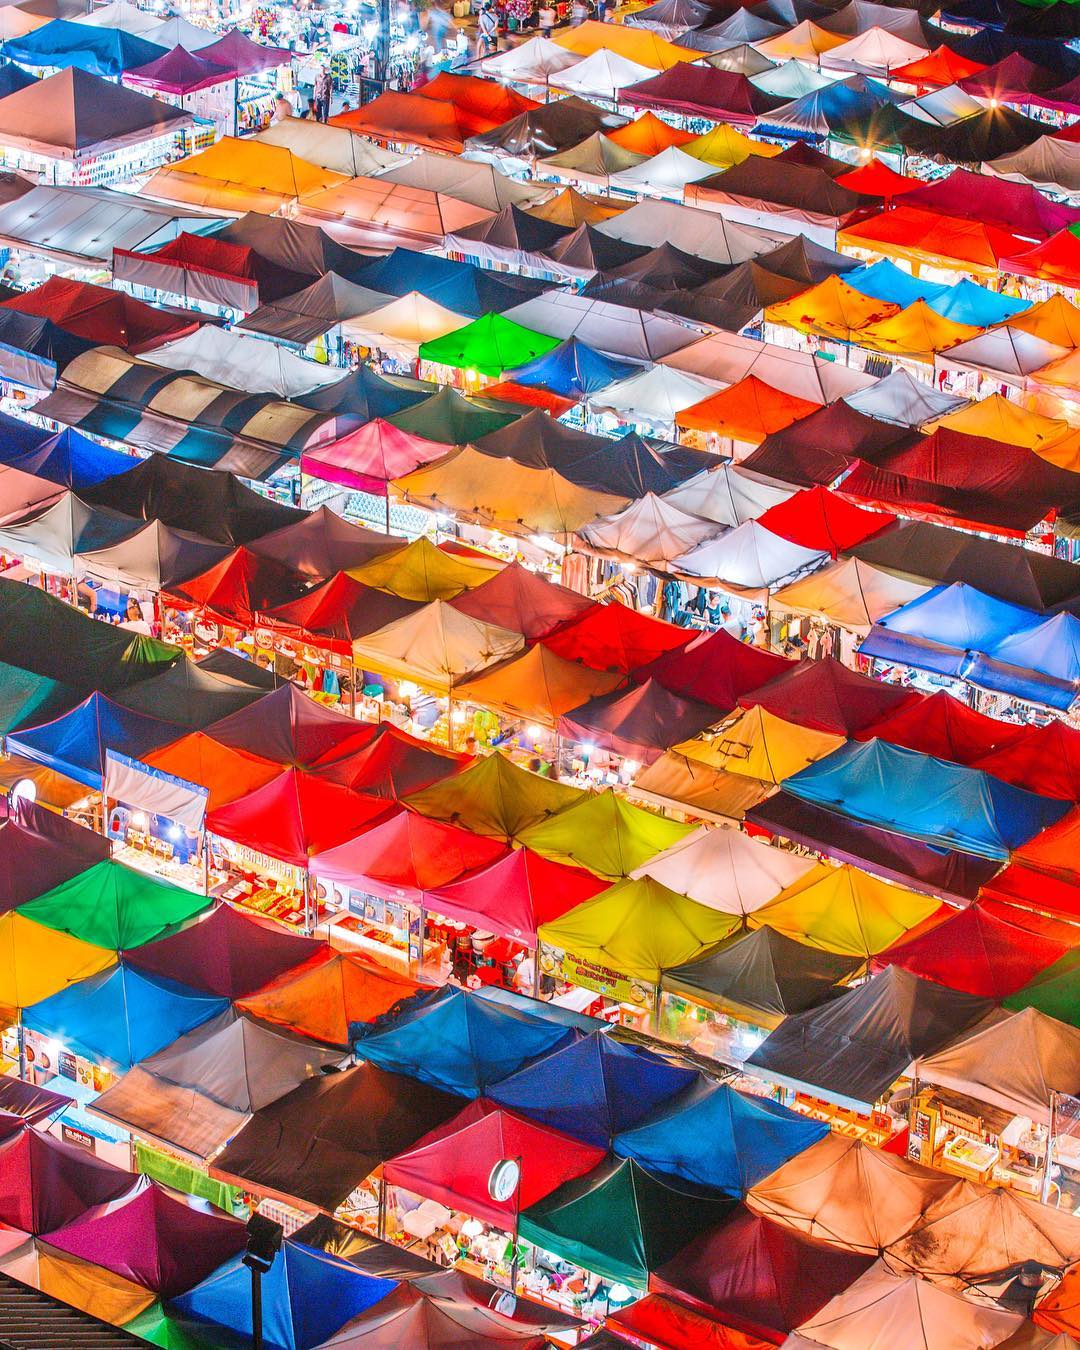 Rot Fai Train Market, Bangkok, Thailand by Victor Cheng